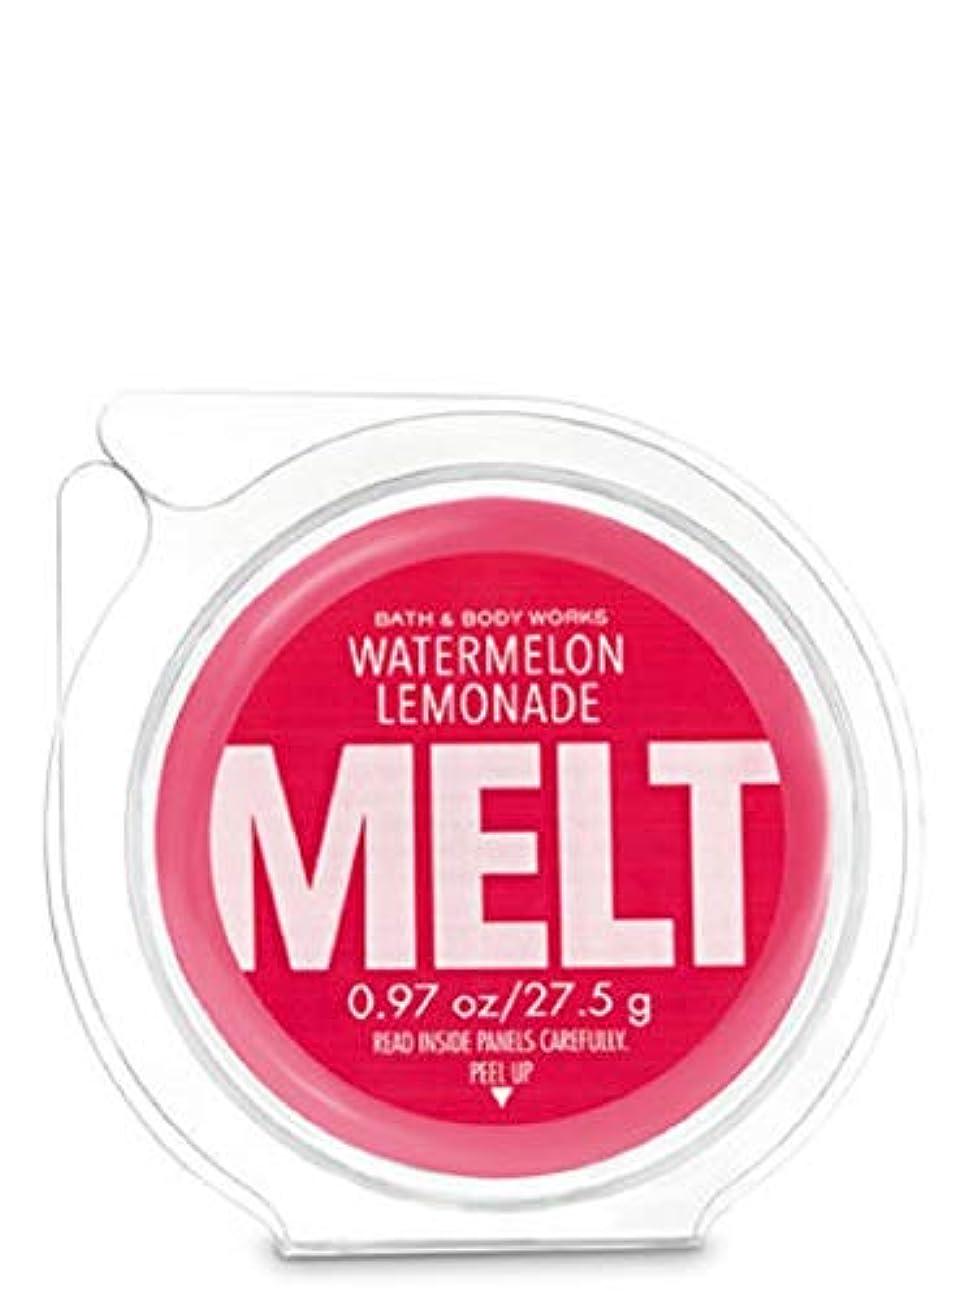 オペレーター遮るいたずら【Bath&Body Works/バス&ボディワークス】 フレグランスメルト タルト ワックスポプリ ウォーターメロンレモネード Wax Fragrance Melt Watermelon Lemonade 0.97oz...